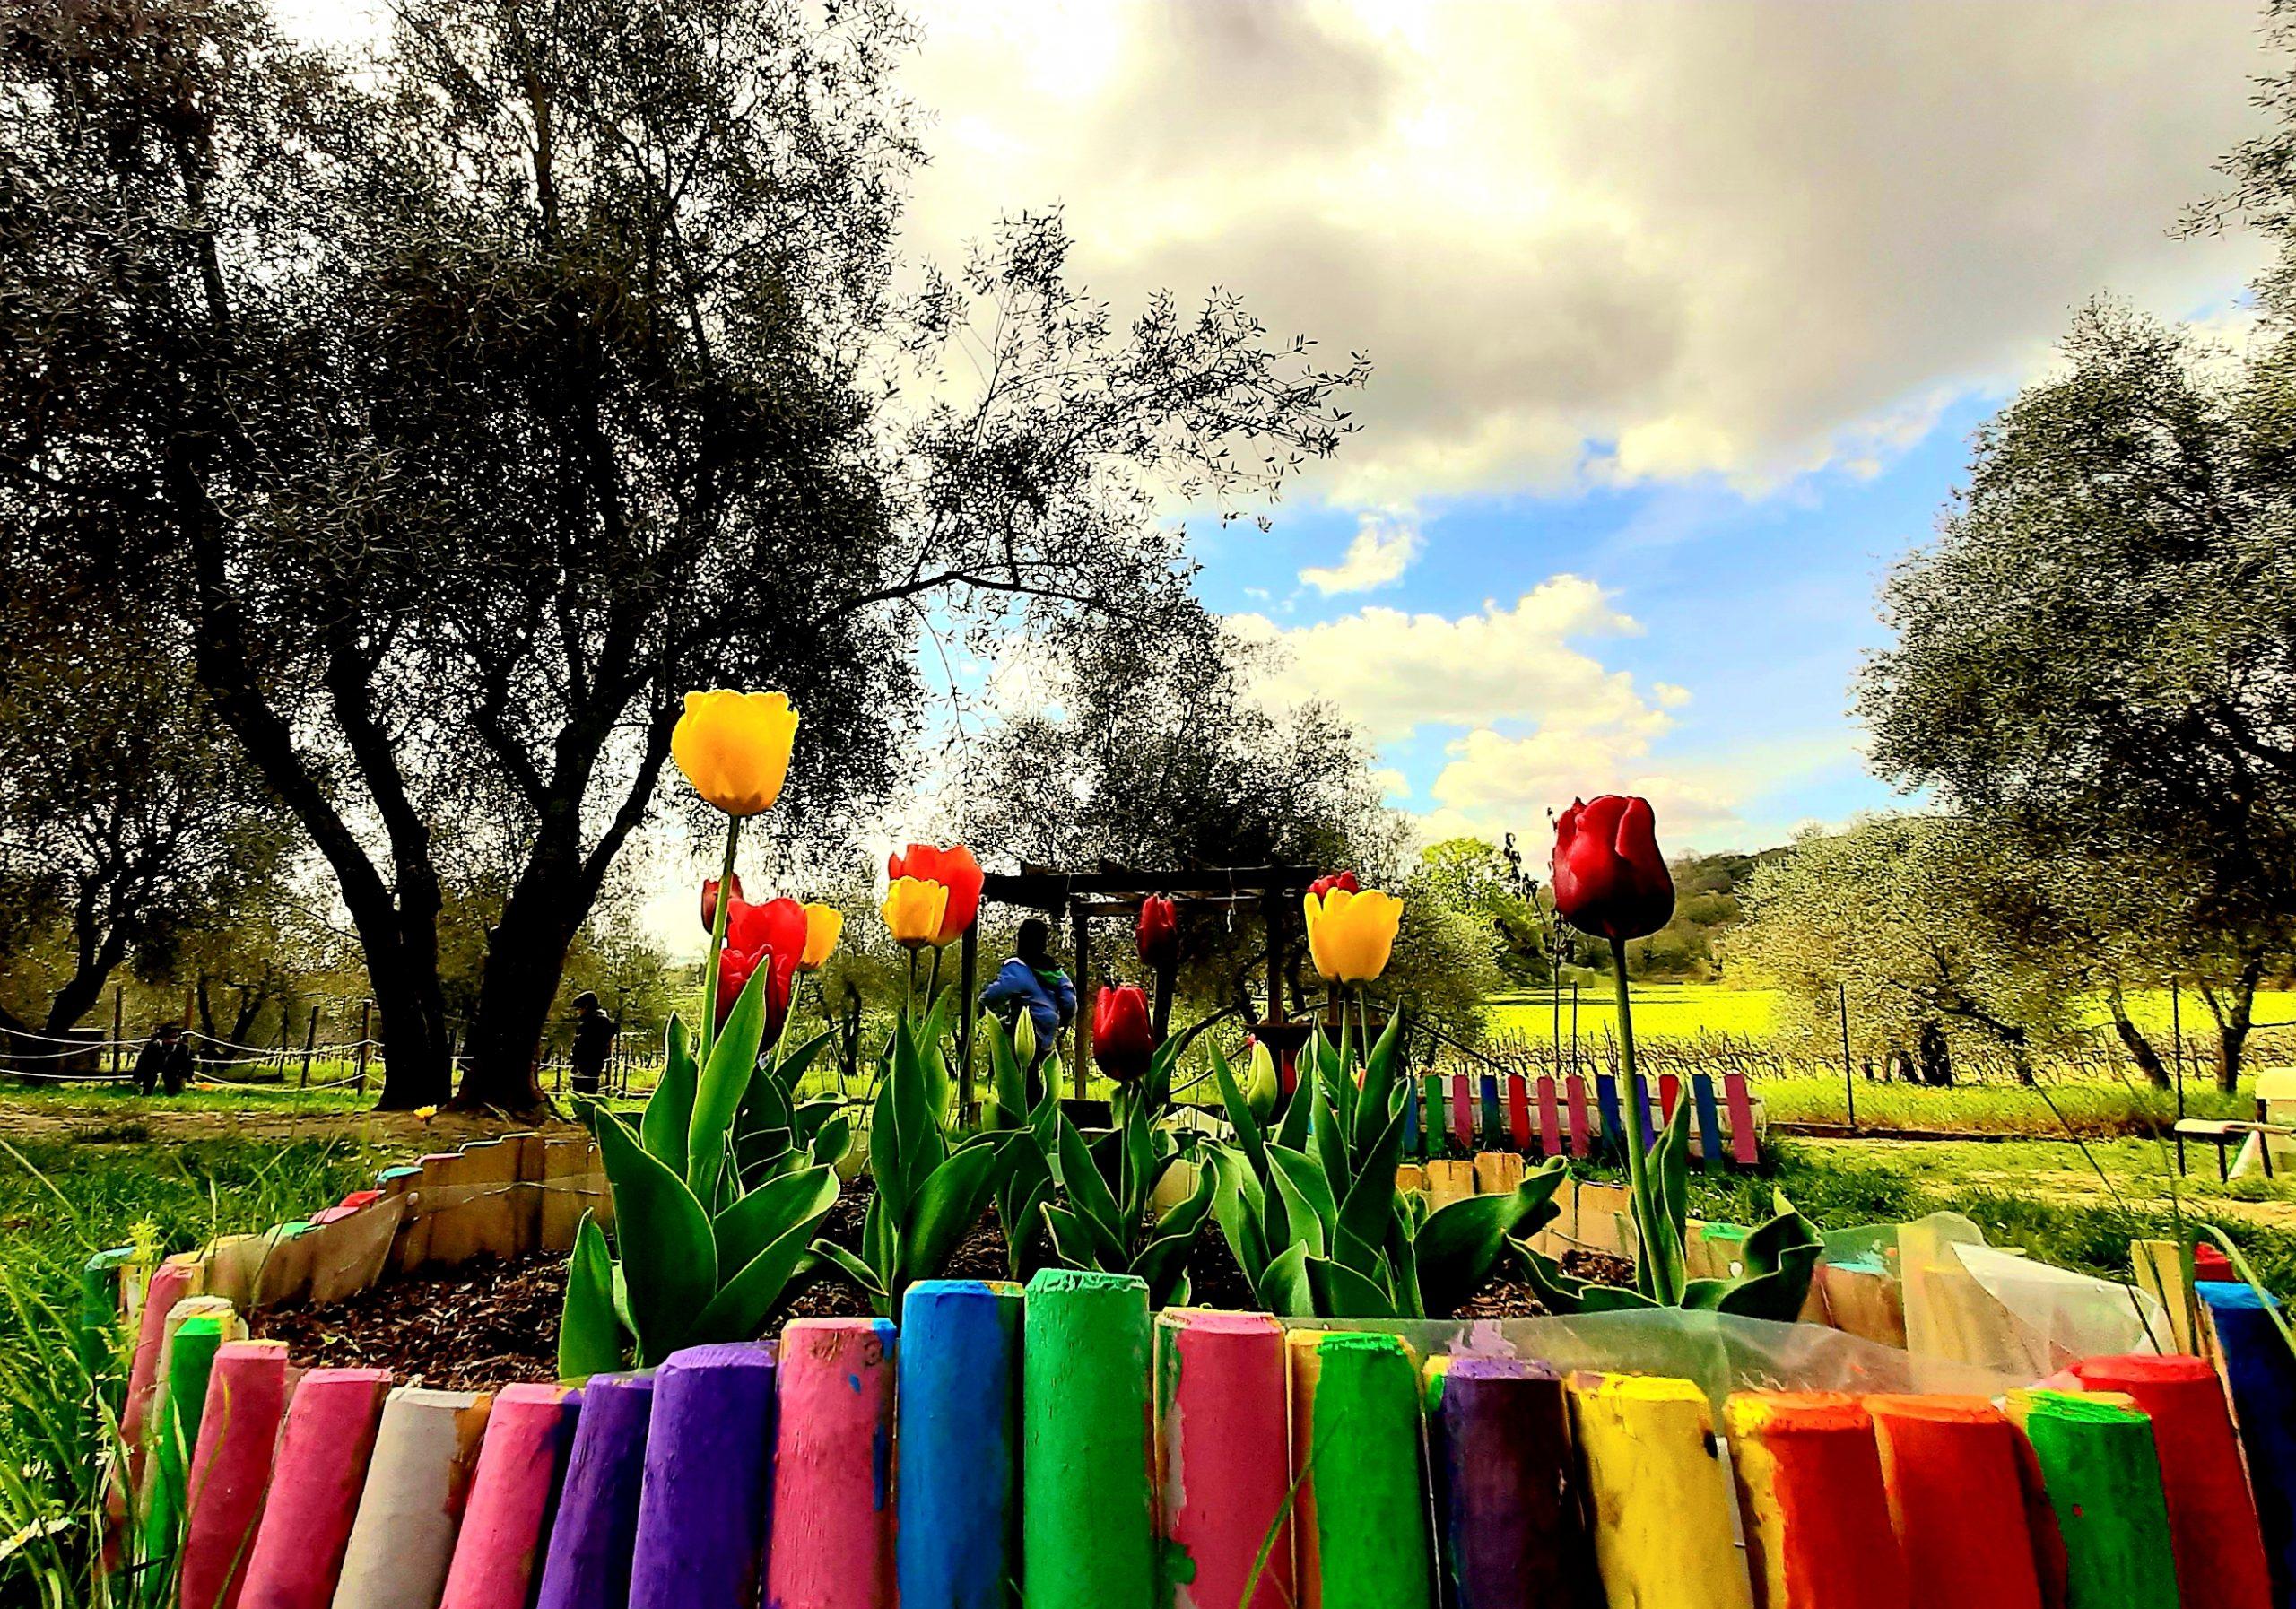 foto fiori in un recinto colorato